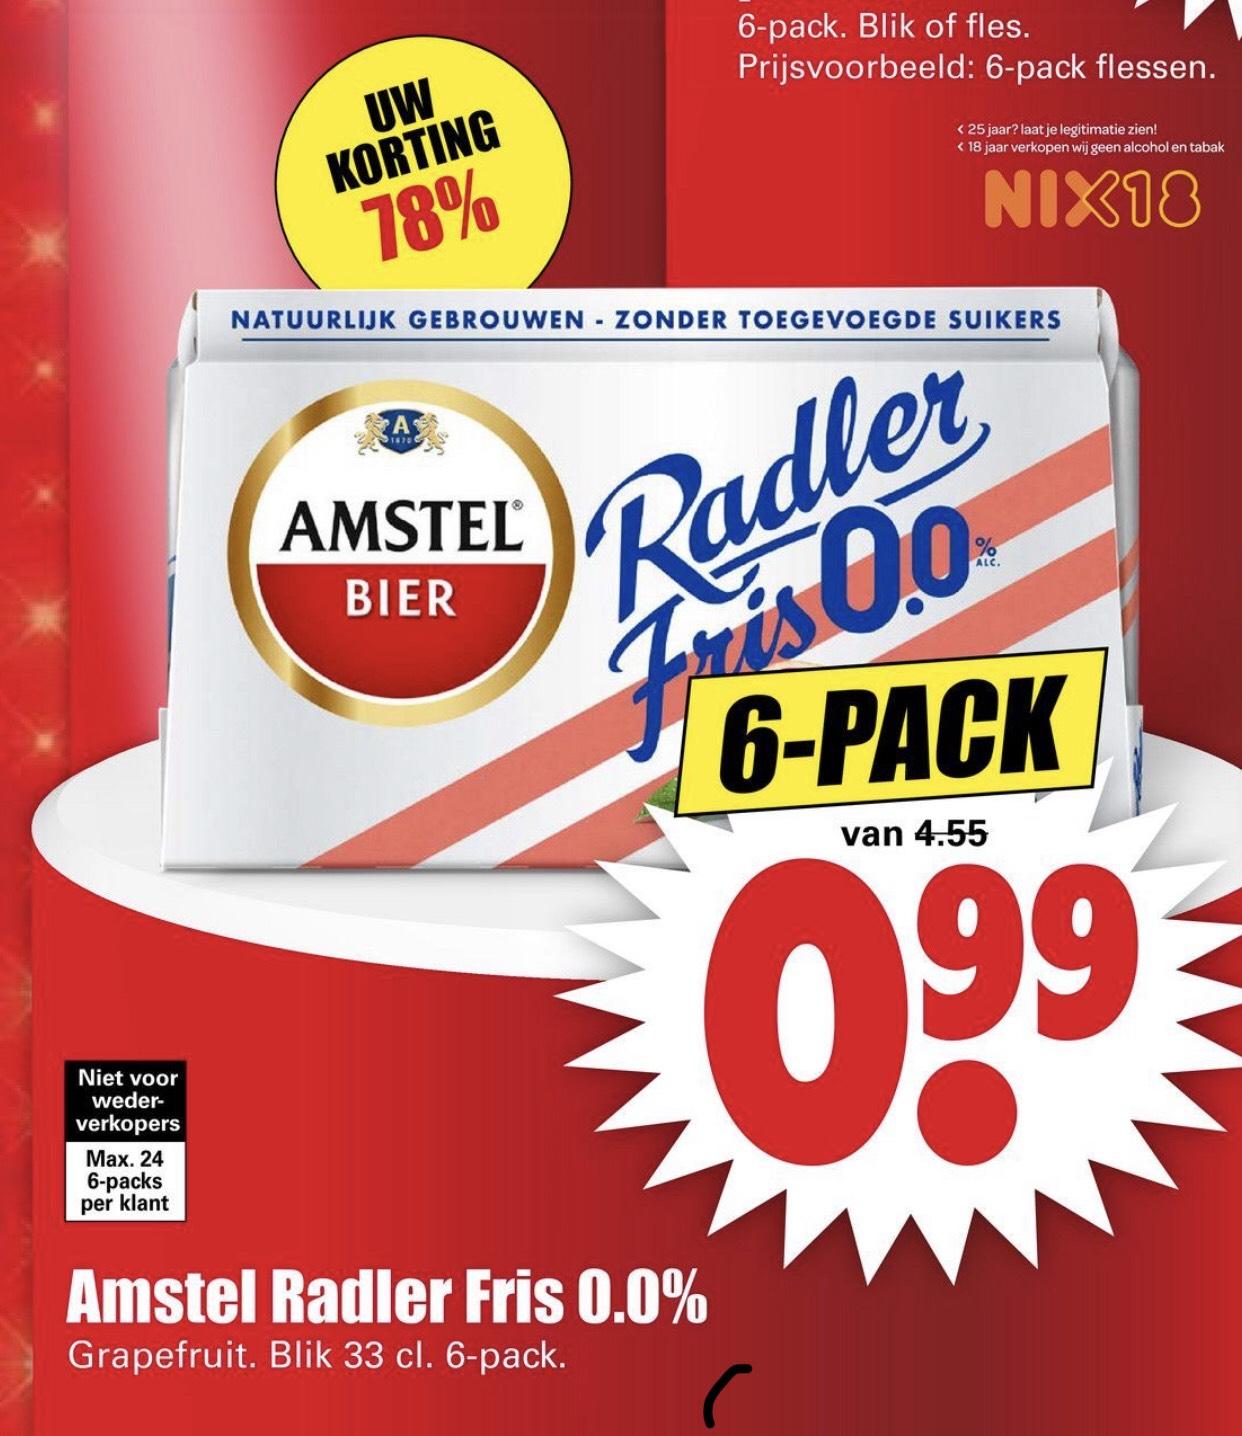 Amstel Radler Fris 0.0% Grapefruit sixpack